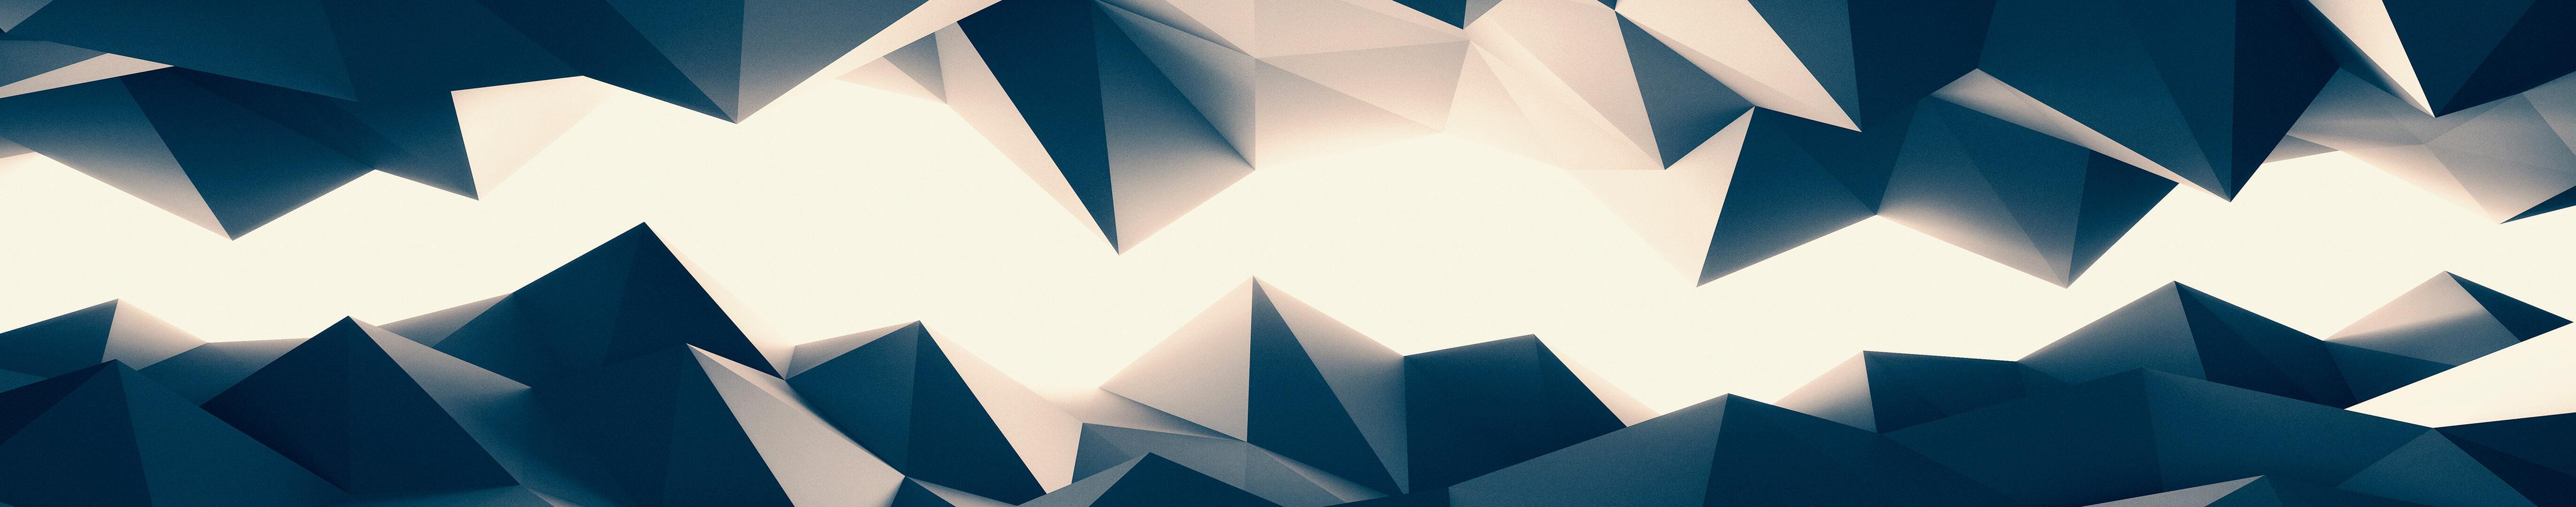 Werbung | Südwestfalen - DBMUD Kreative Wertschöpfung für Ihr Unternehmen - Analyse - Kreation - Umsetzung - Full-Service Agentur